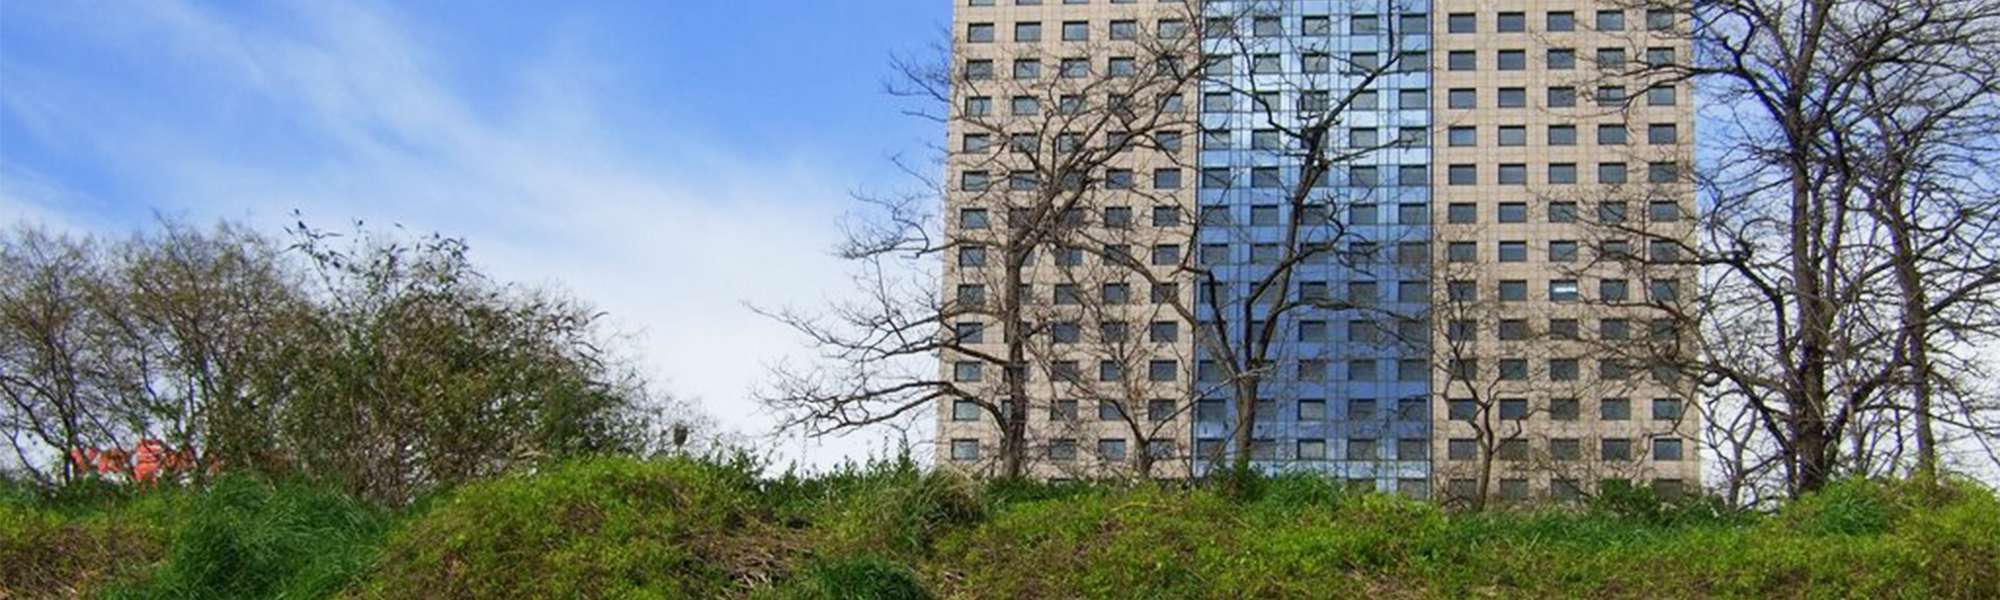 Paris porte de la villette hotel forest hill paris la - Hotel forest hill porte de la villette ...